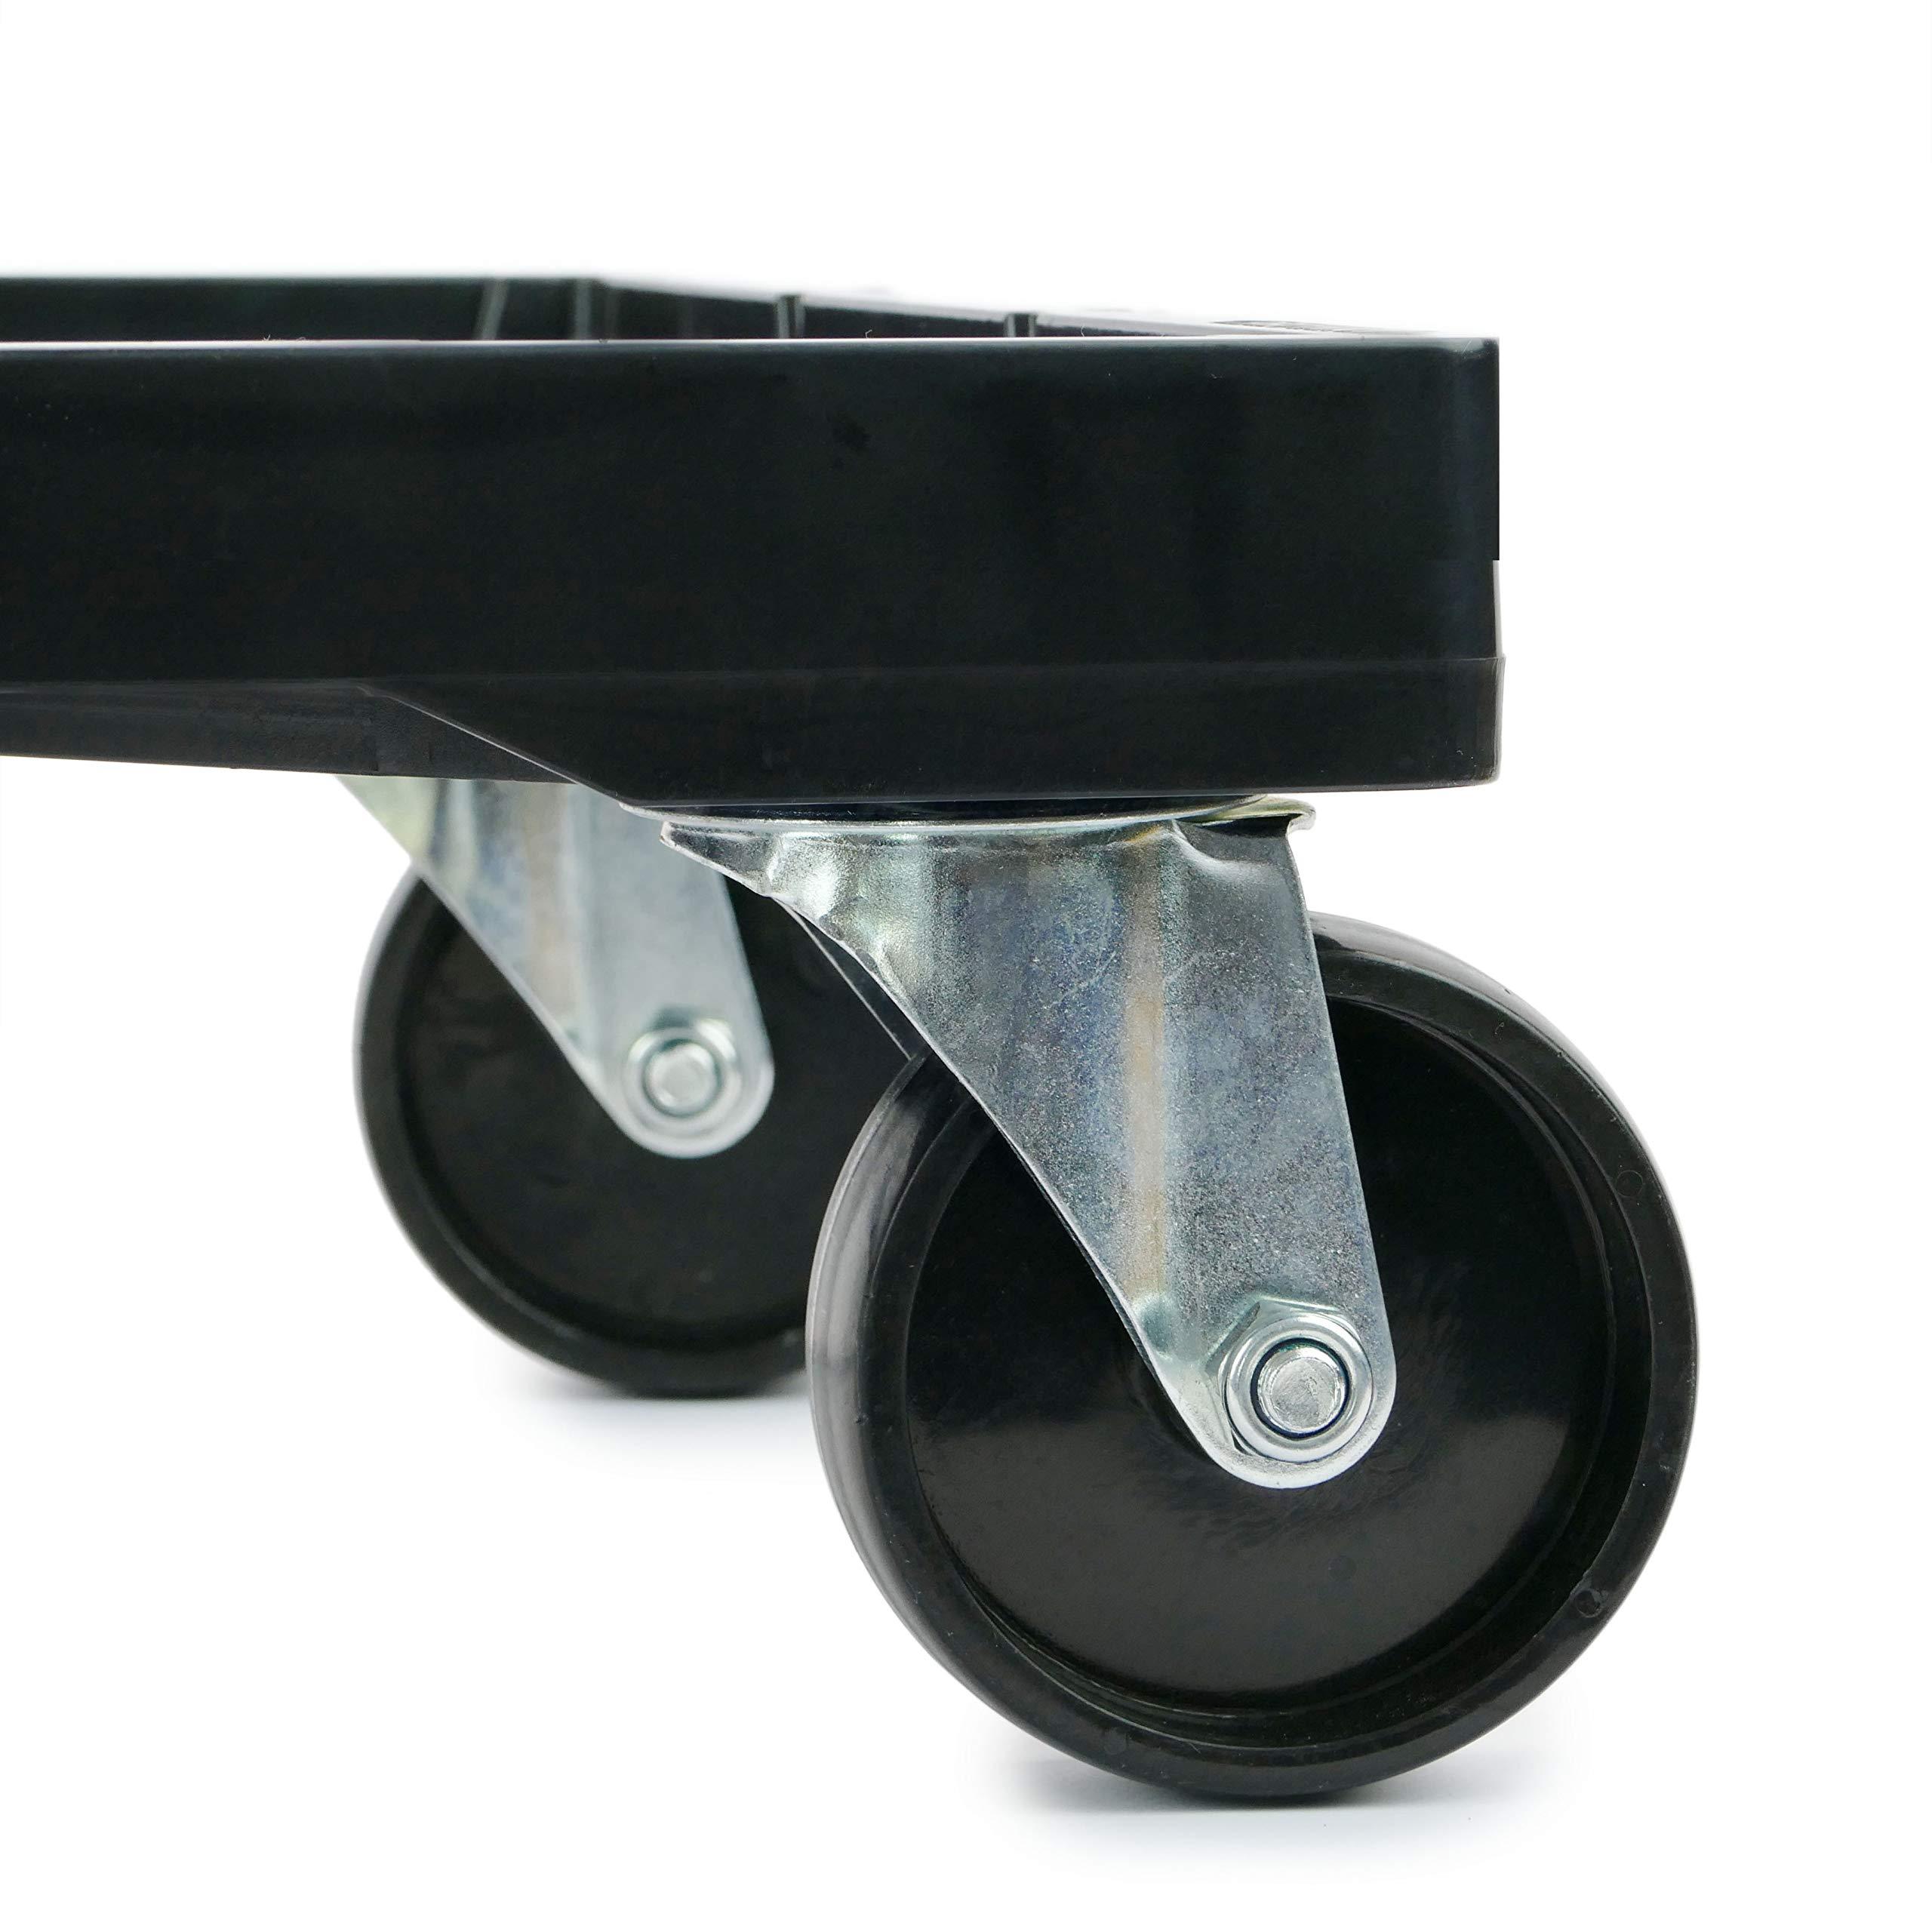 PrimeMatik - Platform with Wheels for Carrying Eurobox Boxes 60 x 40 cm (KA081) by PrimeMatik (Image #2)